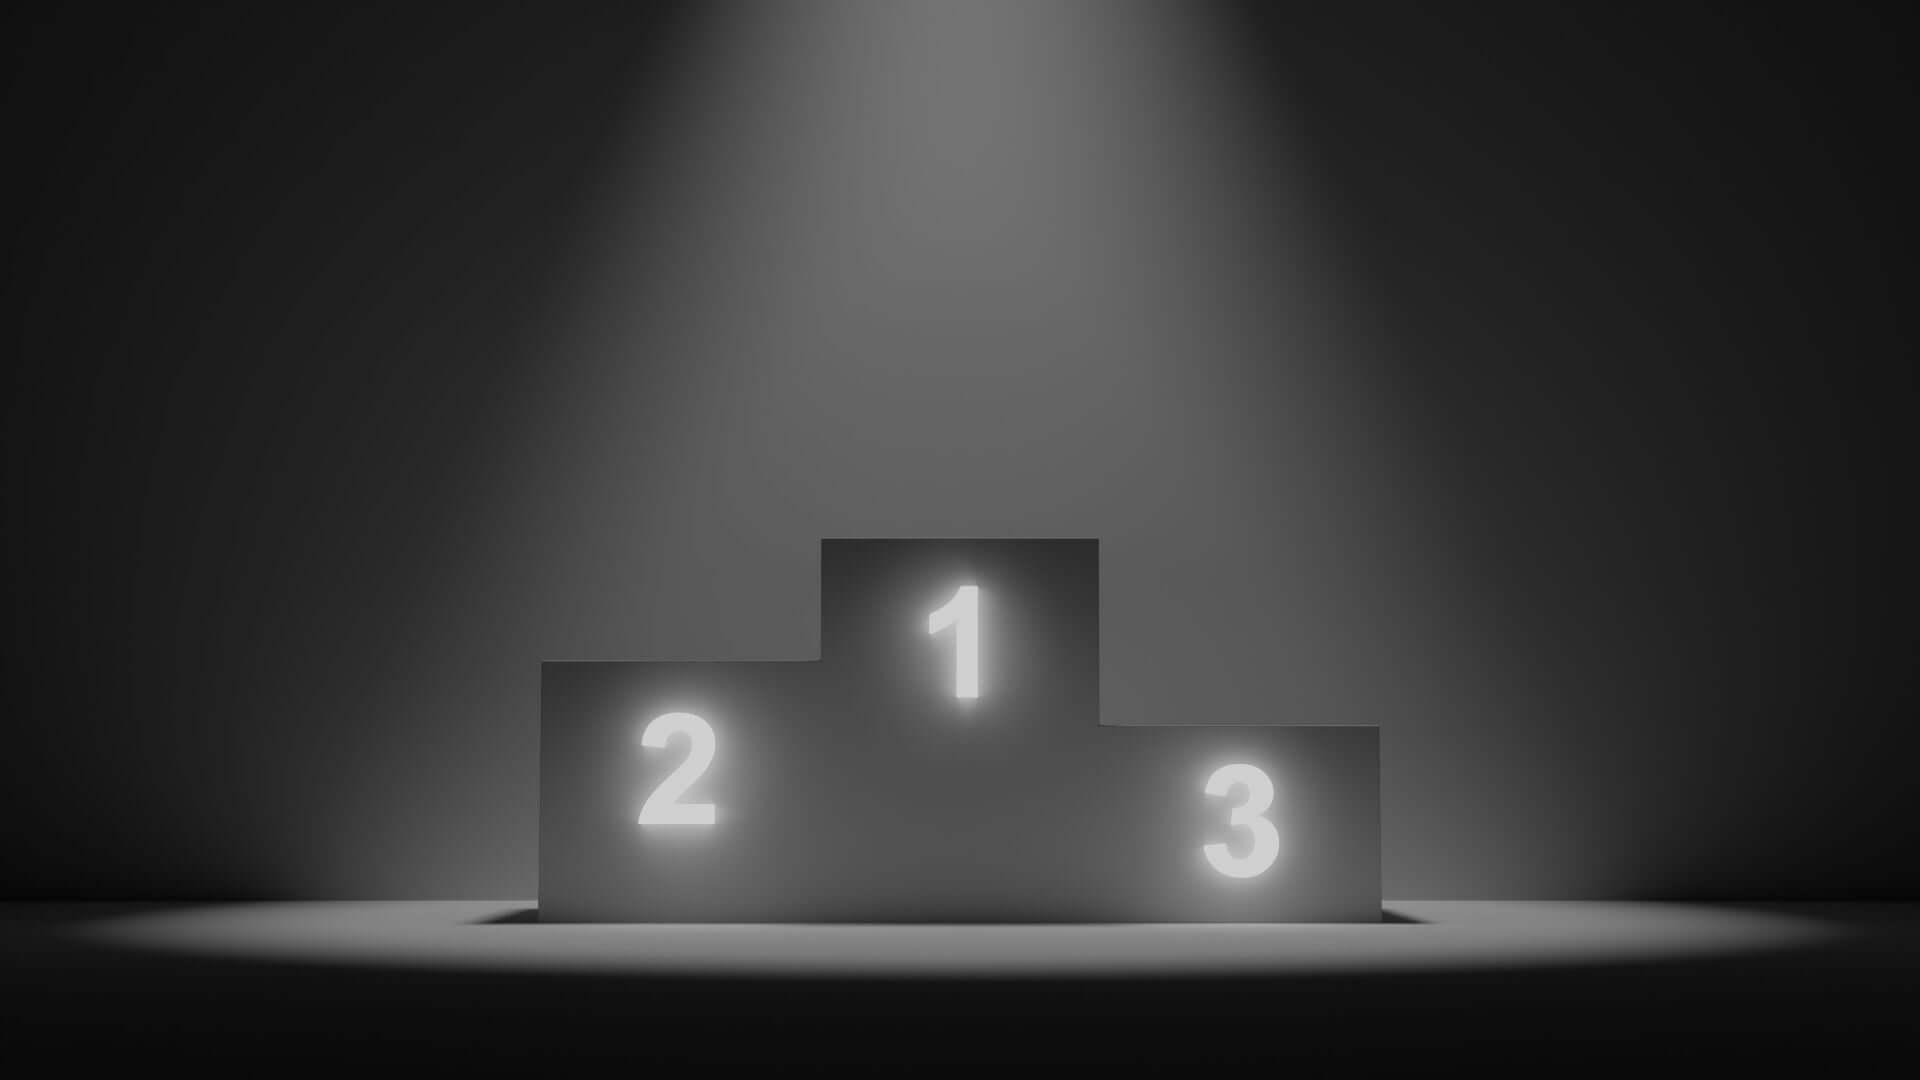 Un podium noir avec 3 places